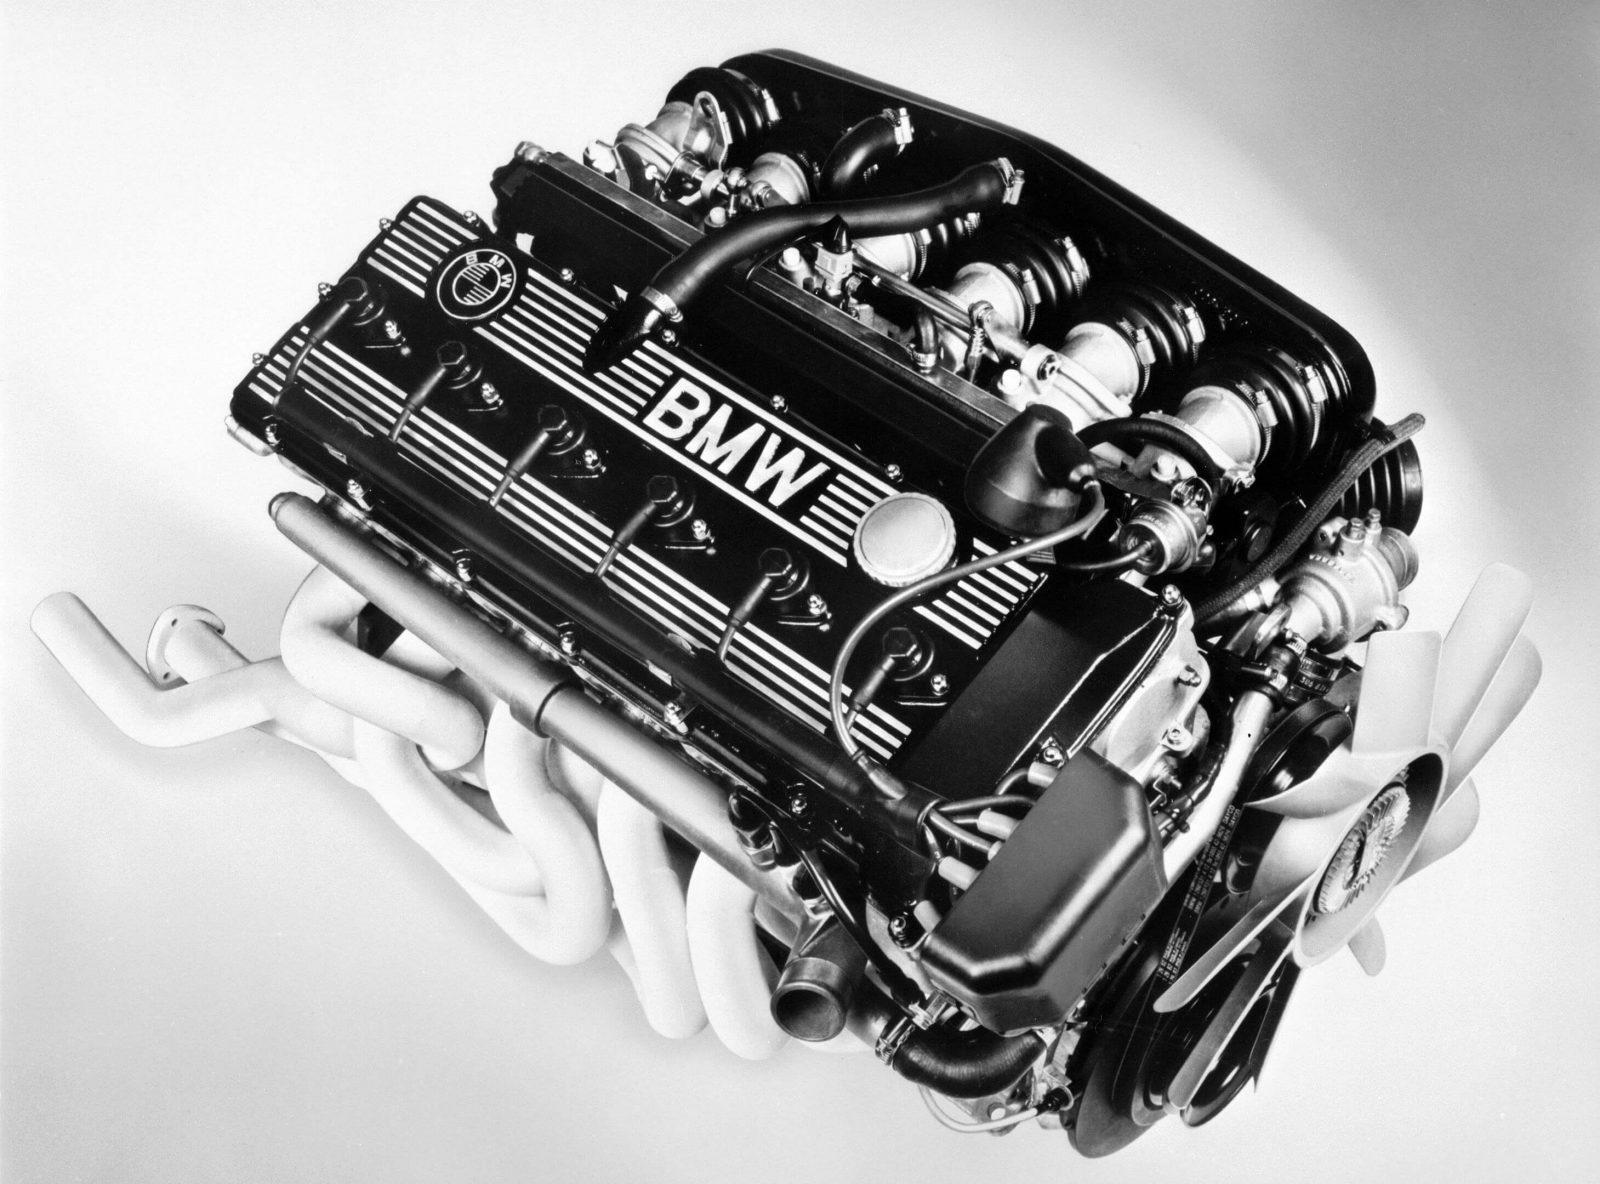 hight resolution of 6 cylinder v8 engine